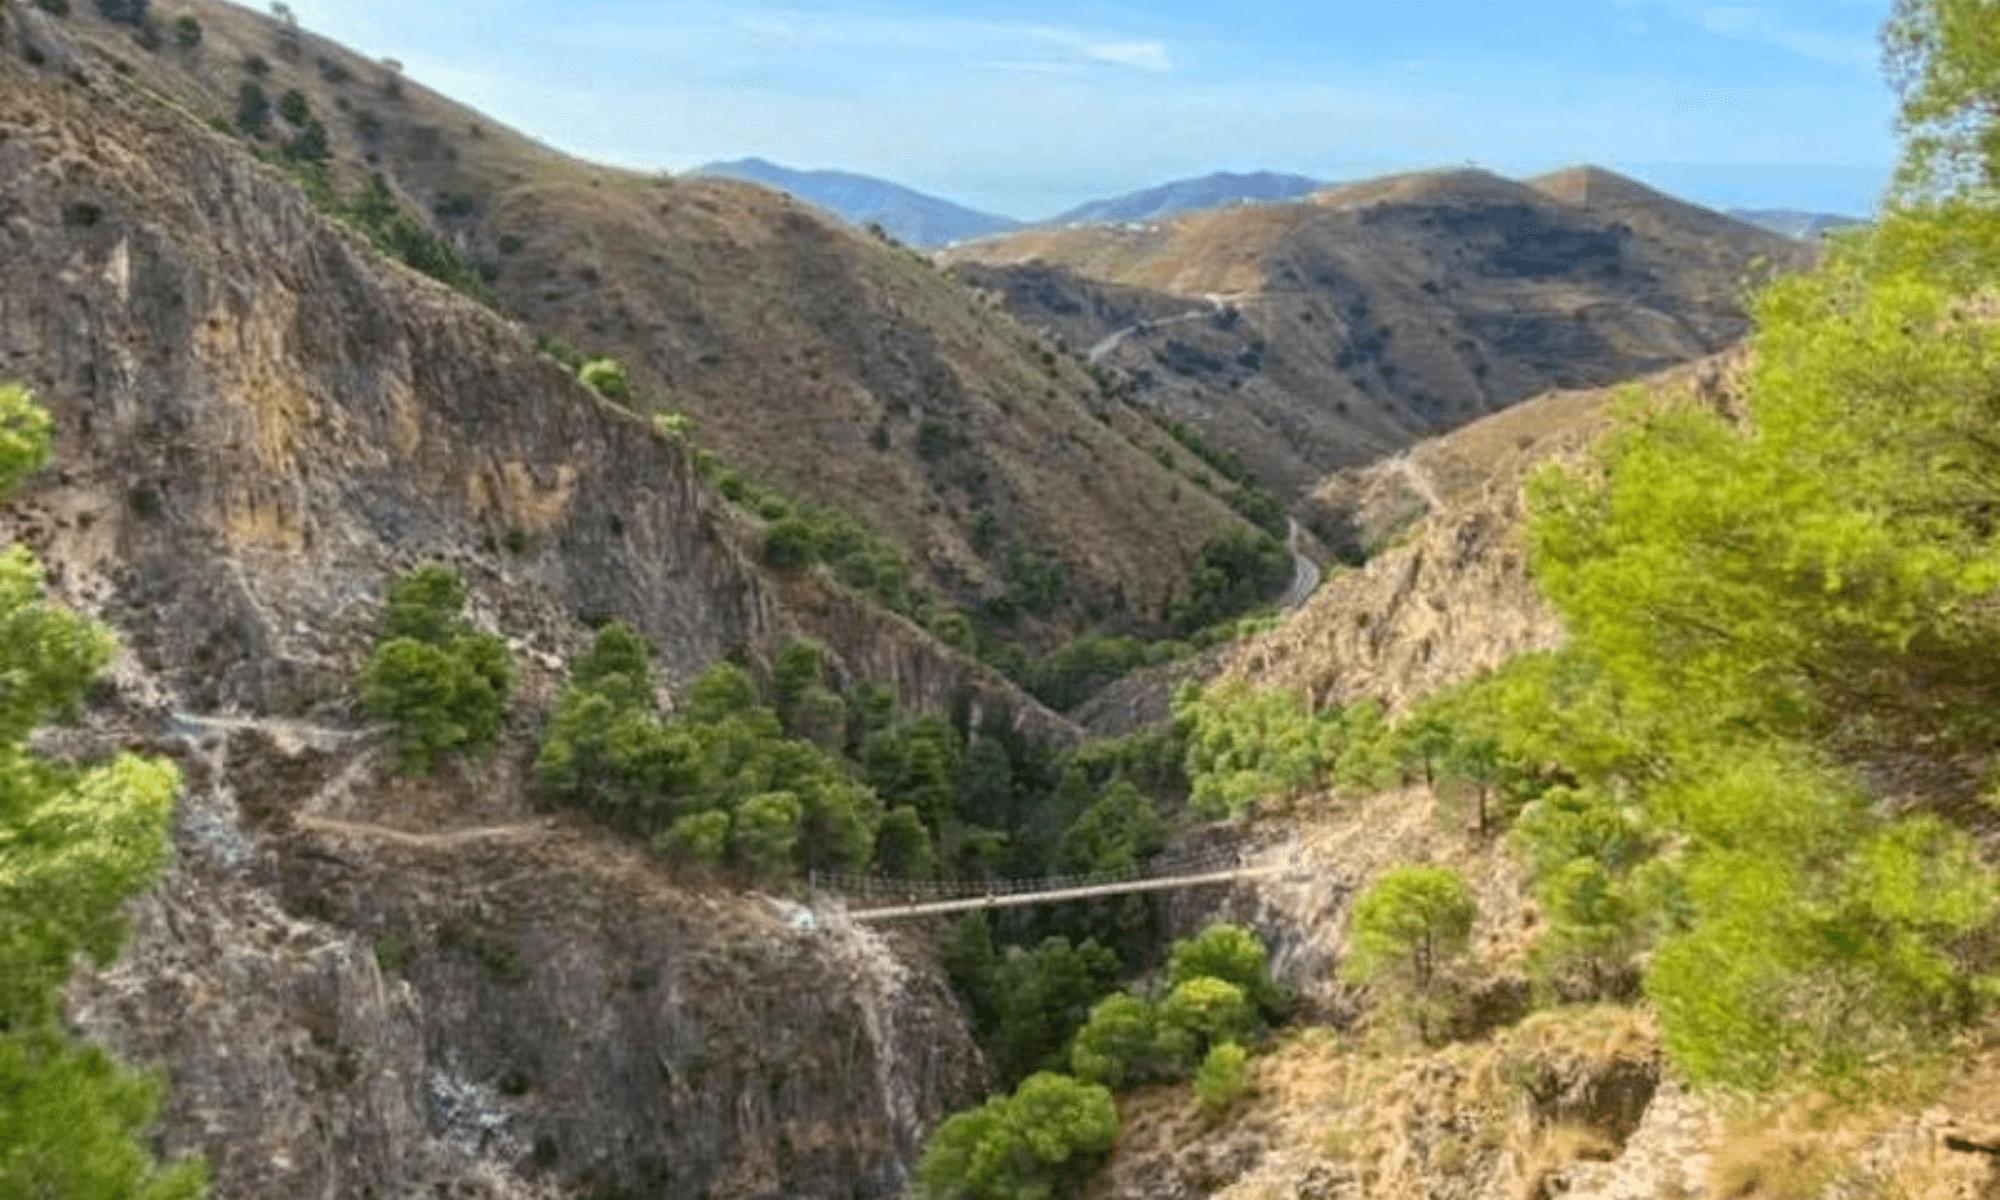 Málaga inaugura hoy uno de los puentes colgantes más grandes de España ubicado en un entorno natural 7